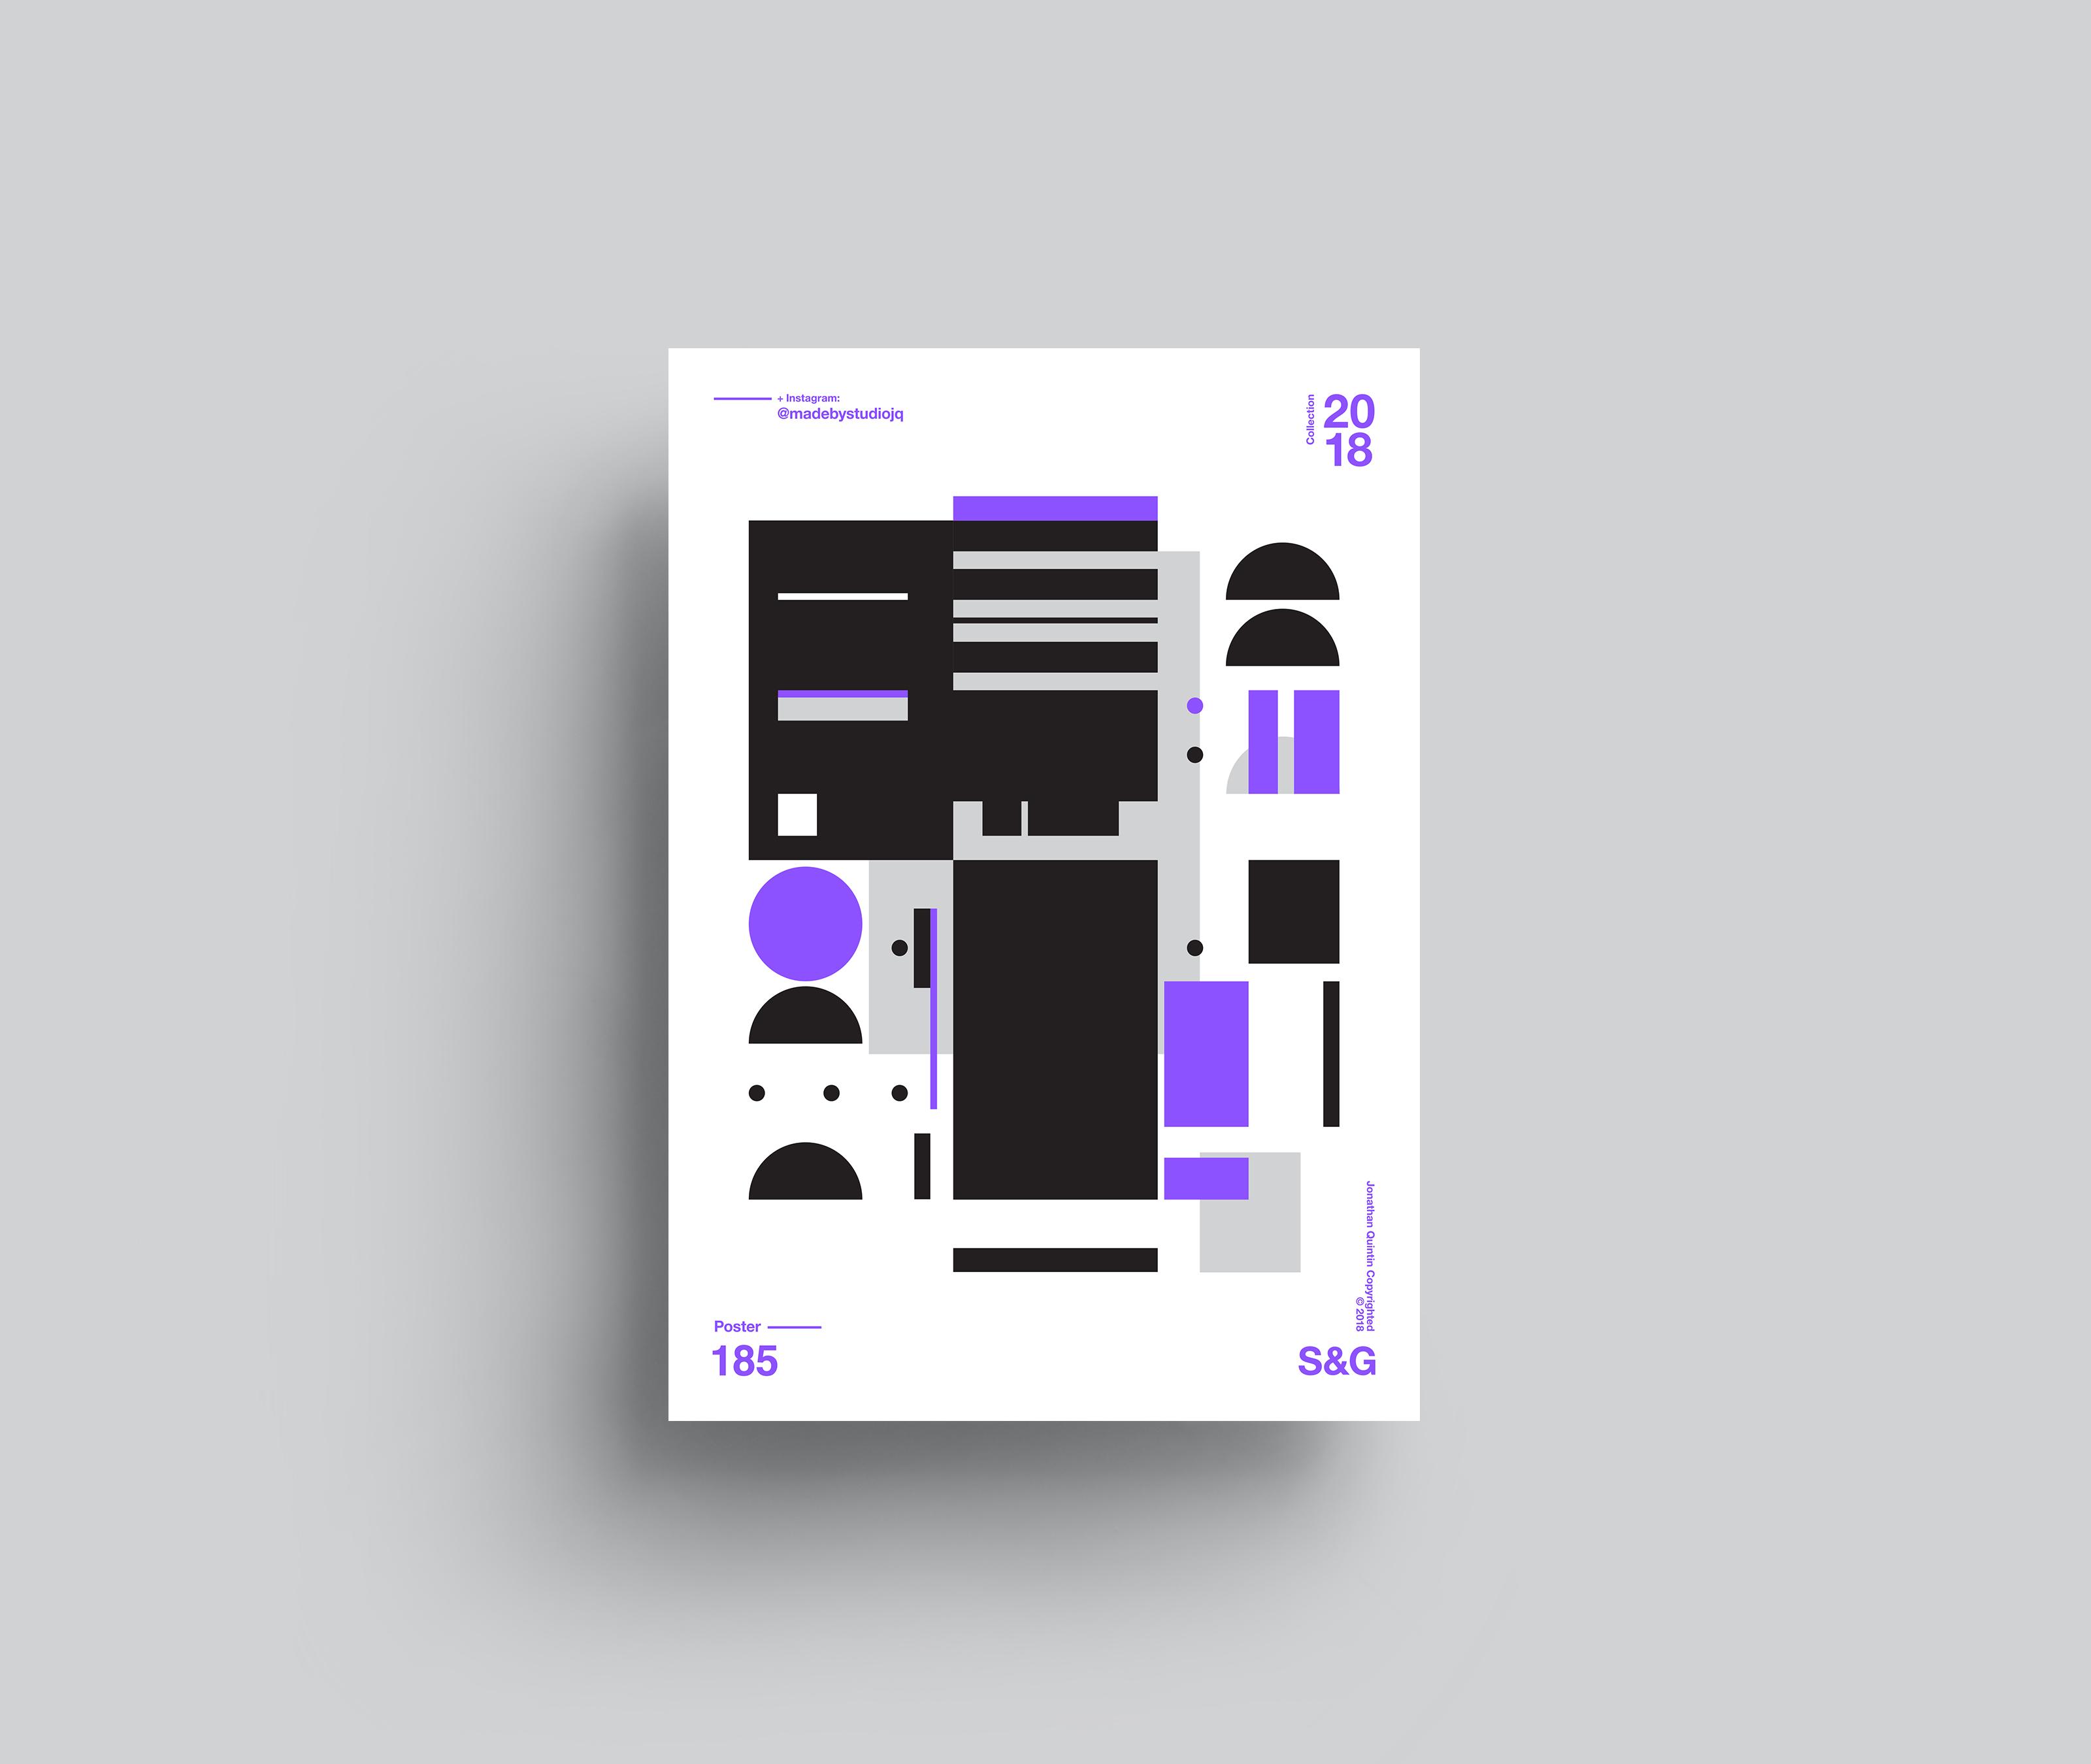 Studiojq2018 show go 185